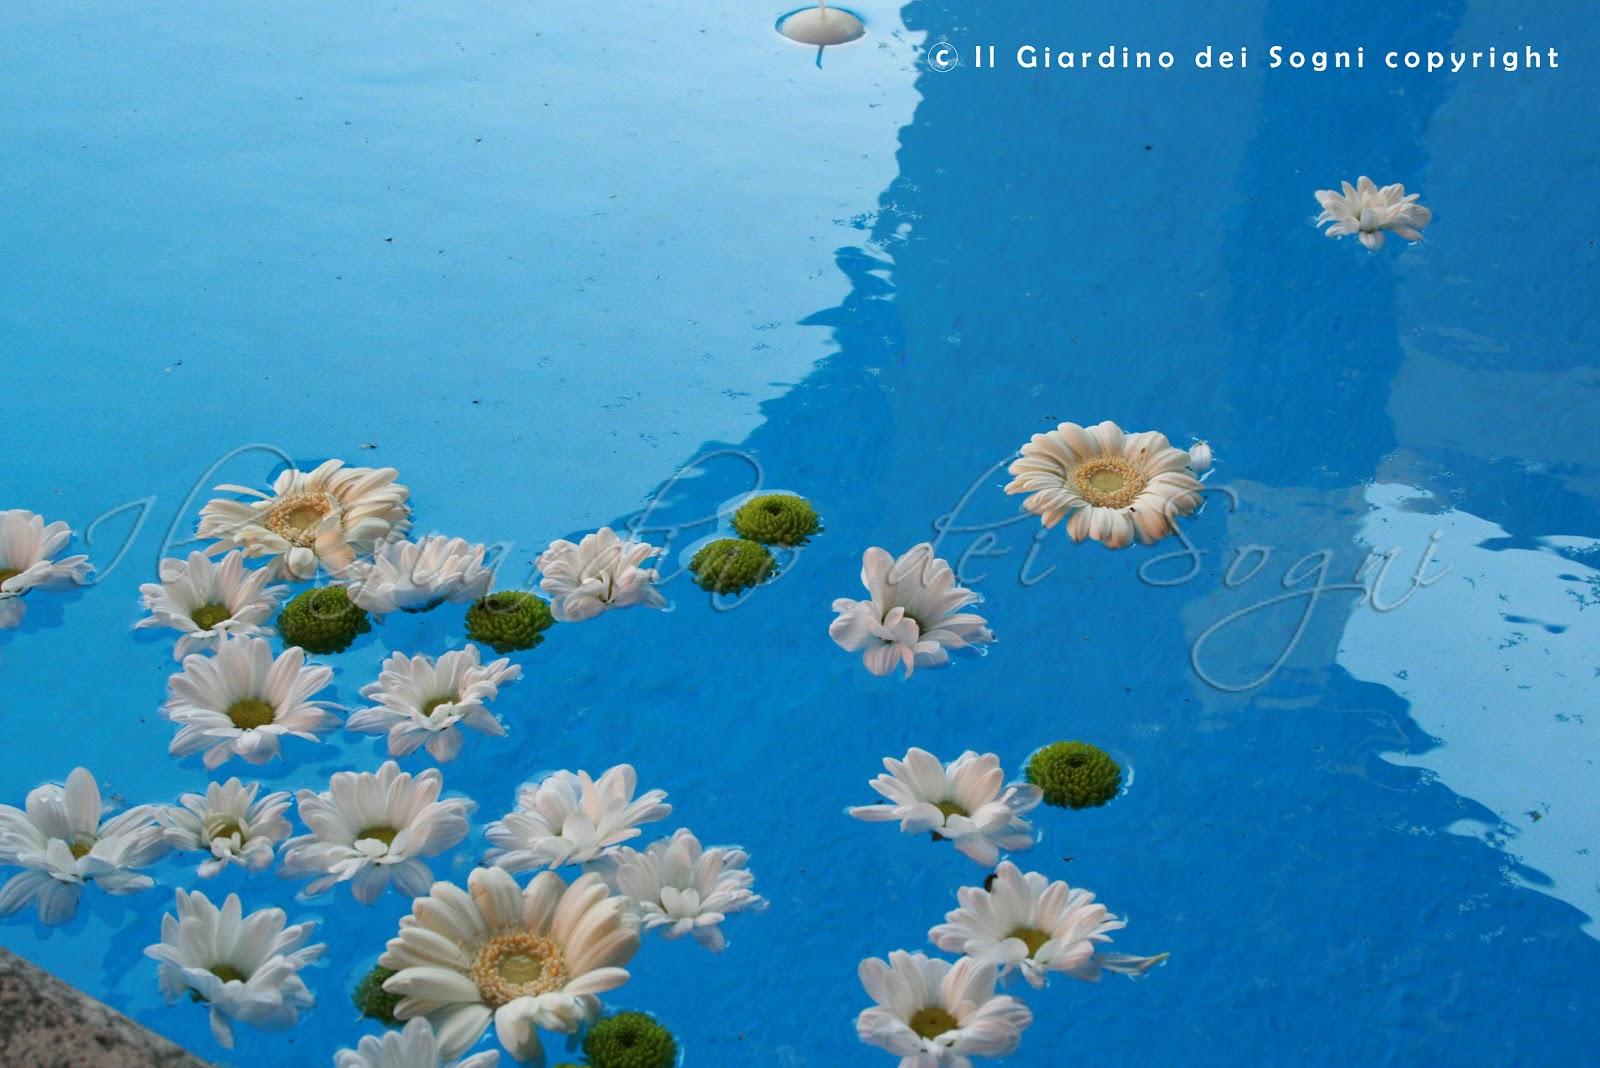 Giardino dei sogni matrimonio fiori e frutta for Addobbi piscina per matrimonio